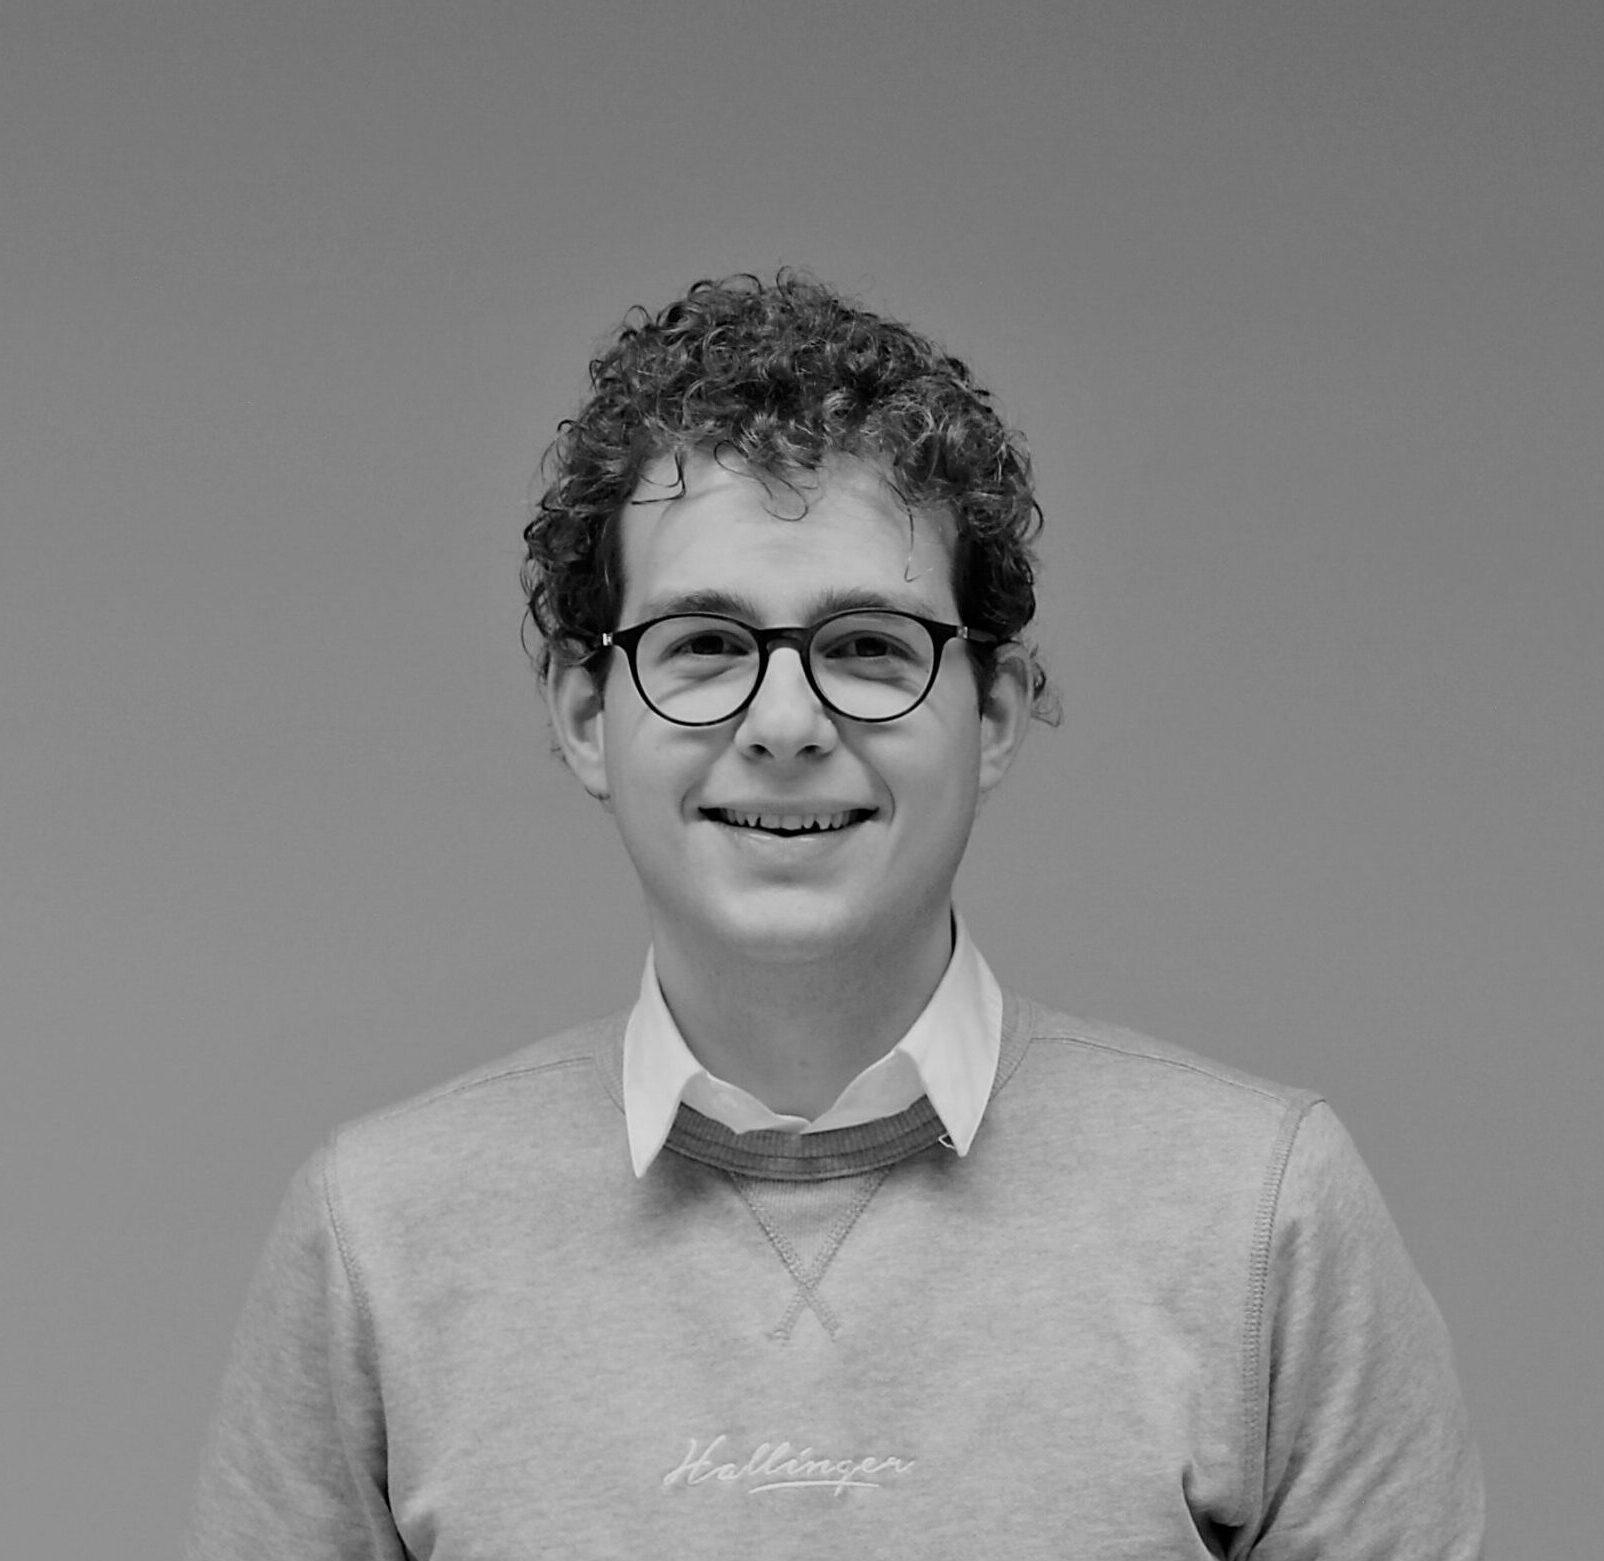 Pieter van Hartingsveldt